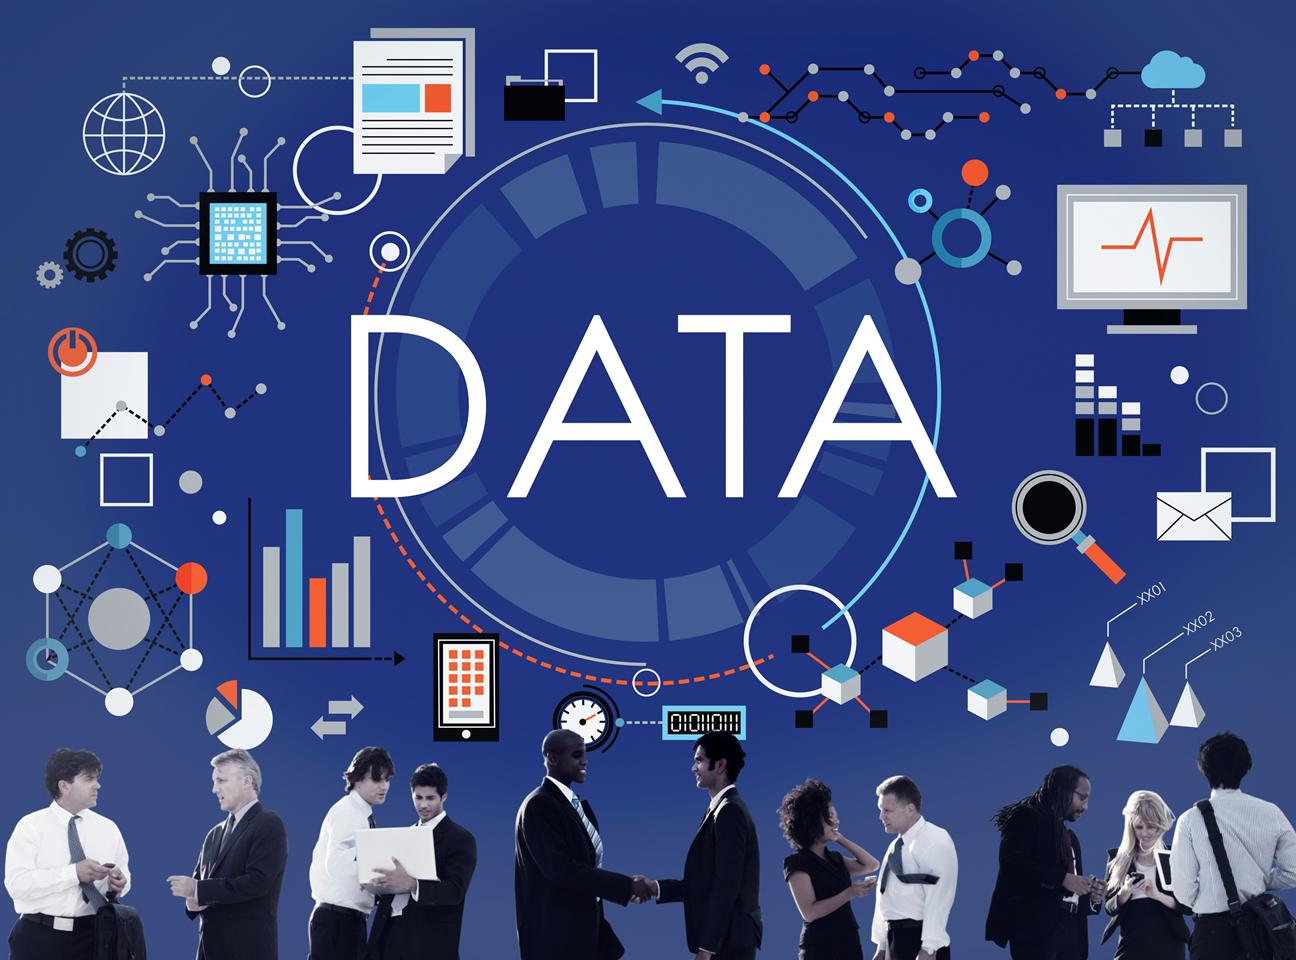 Какие факты полезно учесть при запуске проектов аналитики данных?